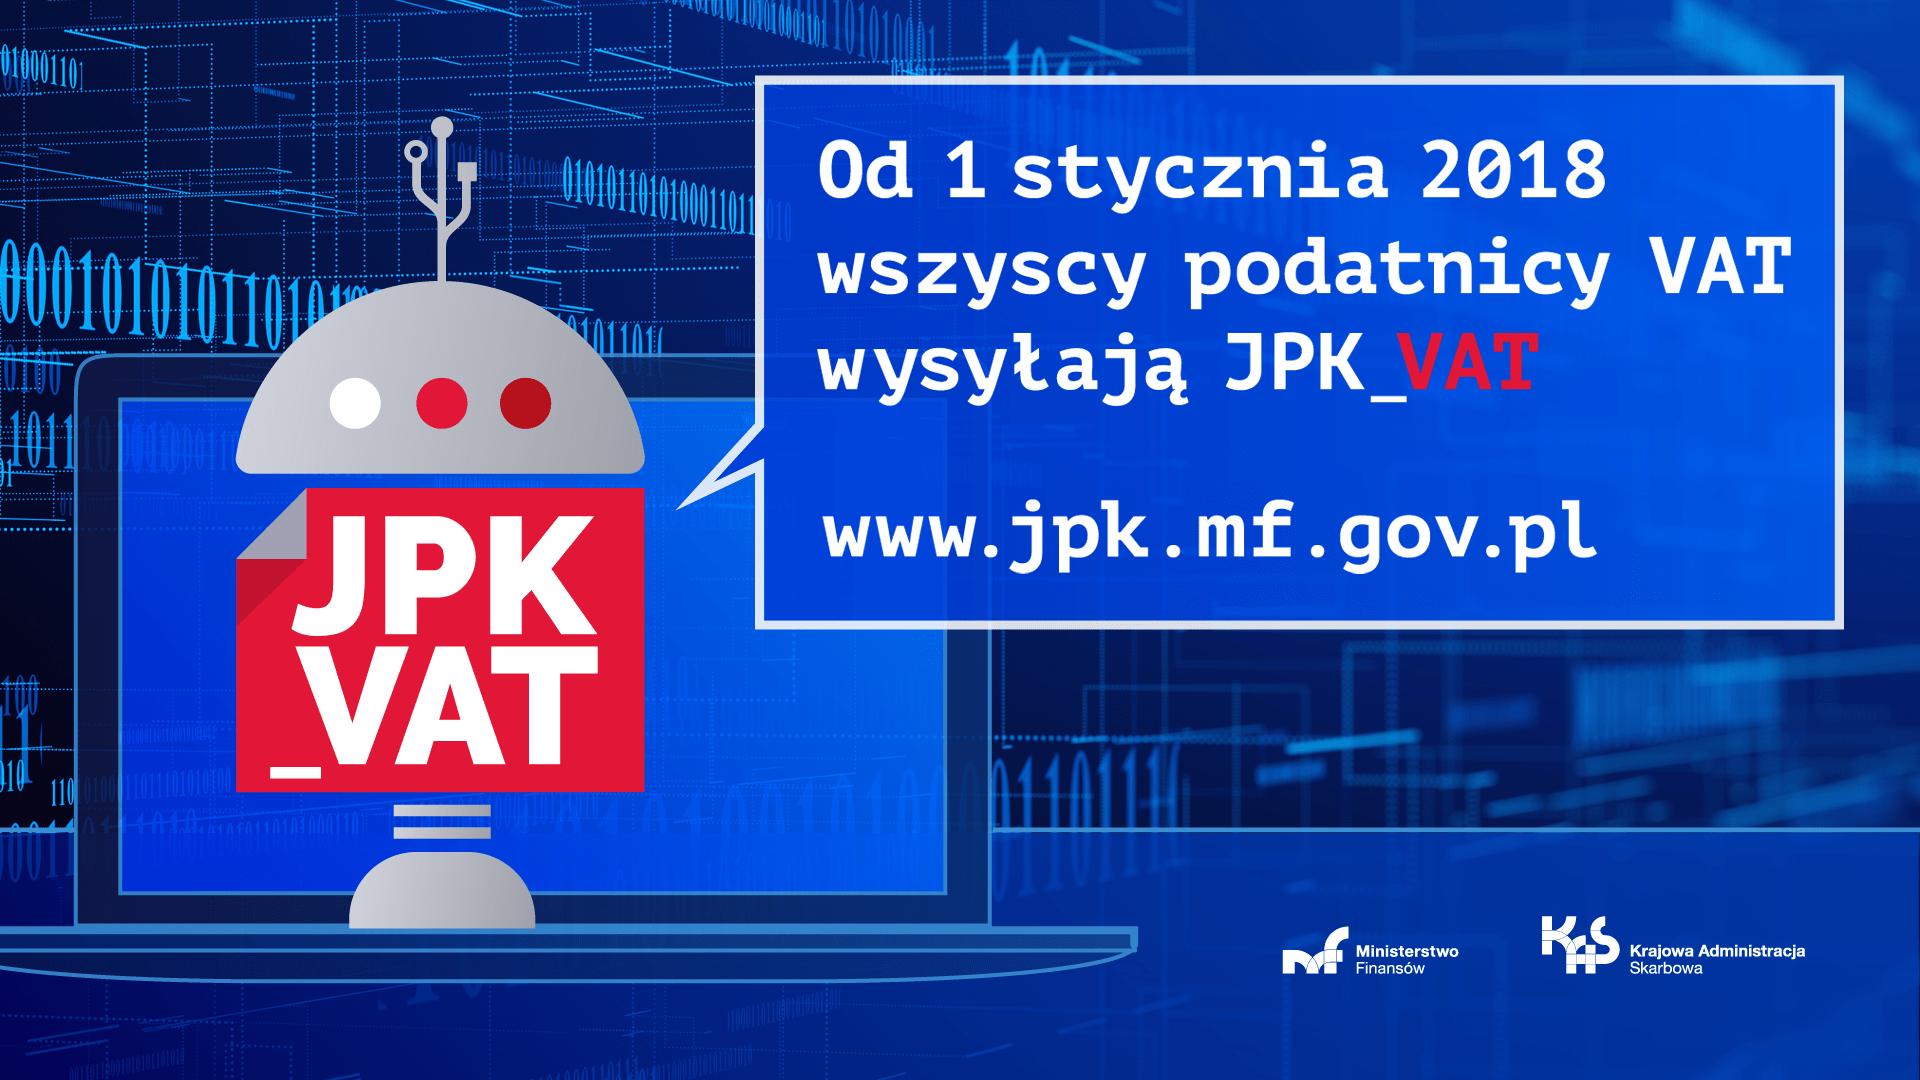 Od 1 stcznia 2018 wszyscy podatnicy VAT wysyłają JPK_VAT